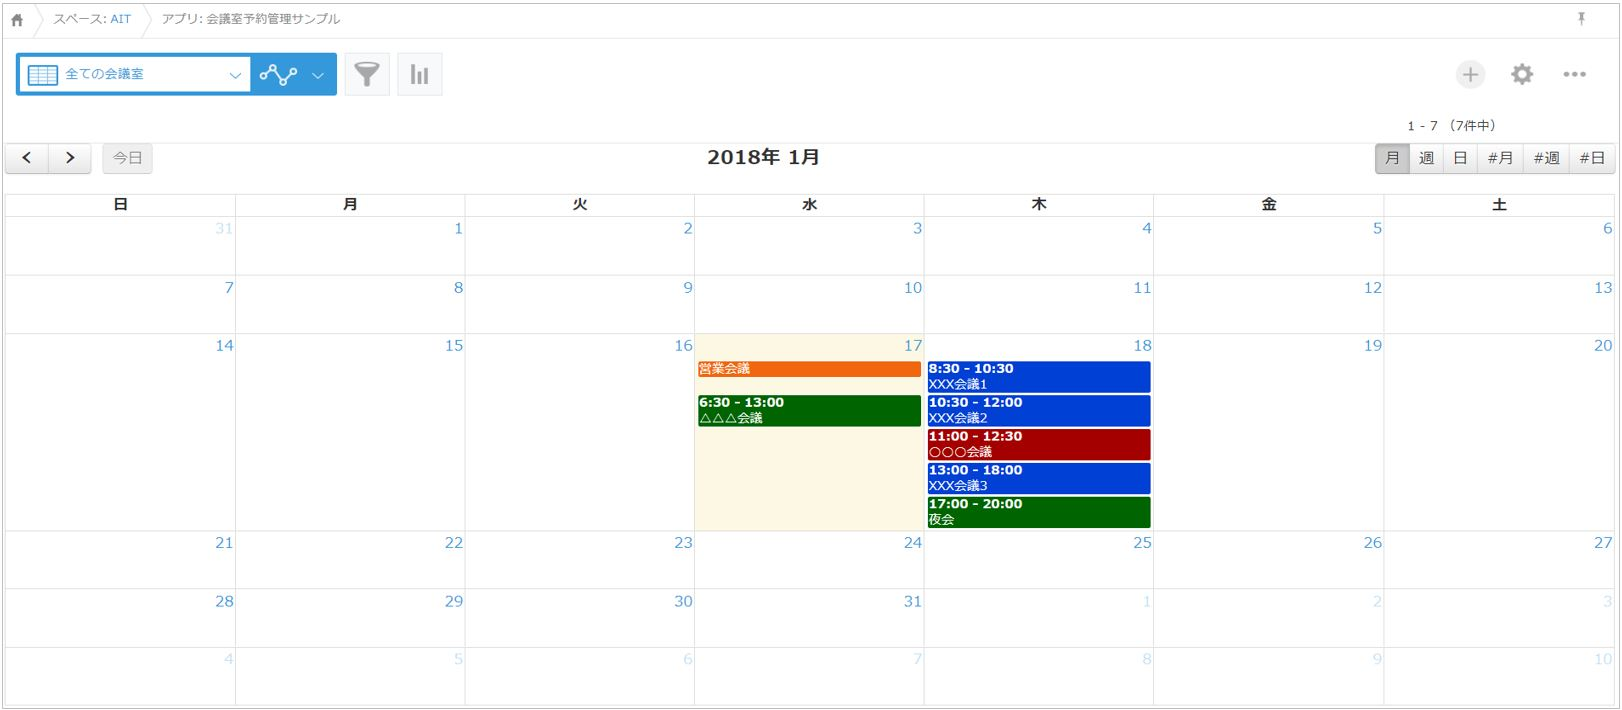 会議室予約カレンダー(月別・プラグイン)